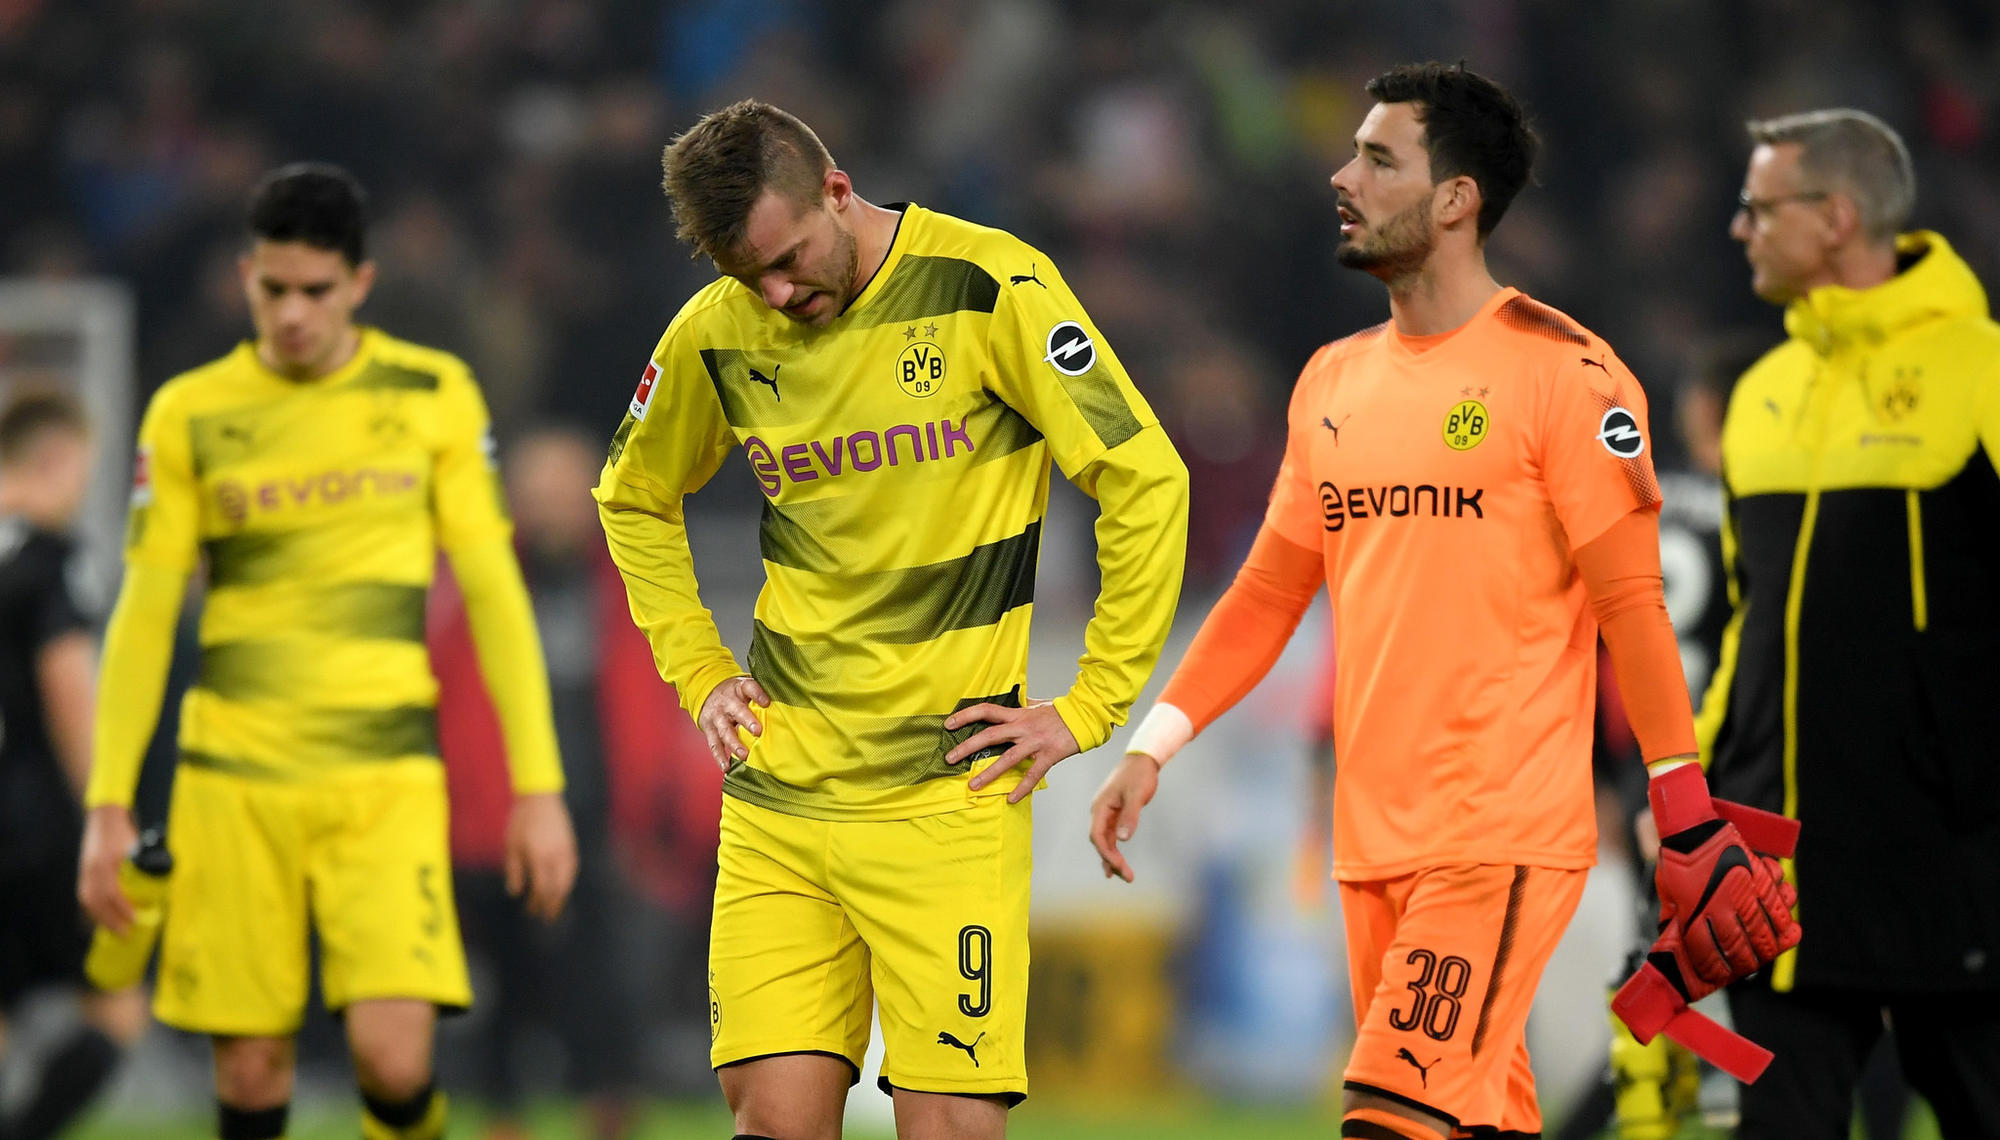 El Dortmund agrava su crisis tras caer en Stuttgart (2-1); el Bremen firma su primer triunfo del curso goleando al Hannover (4-0)